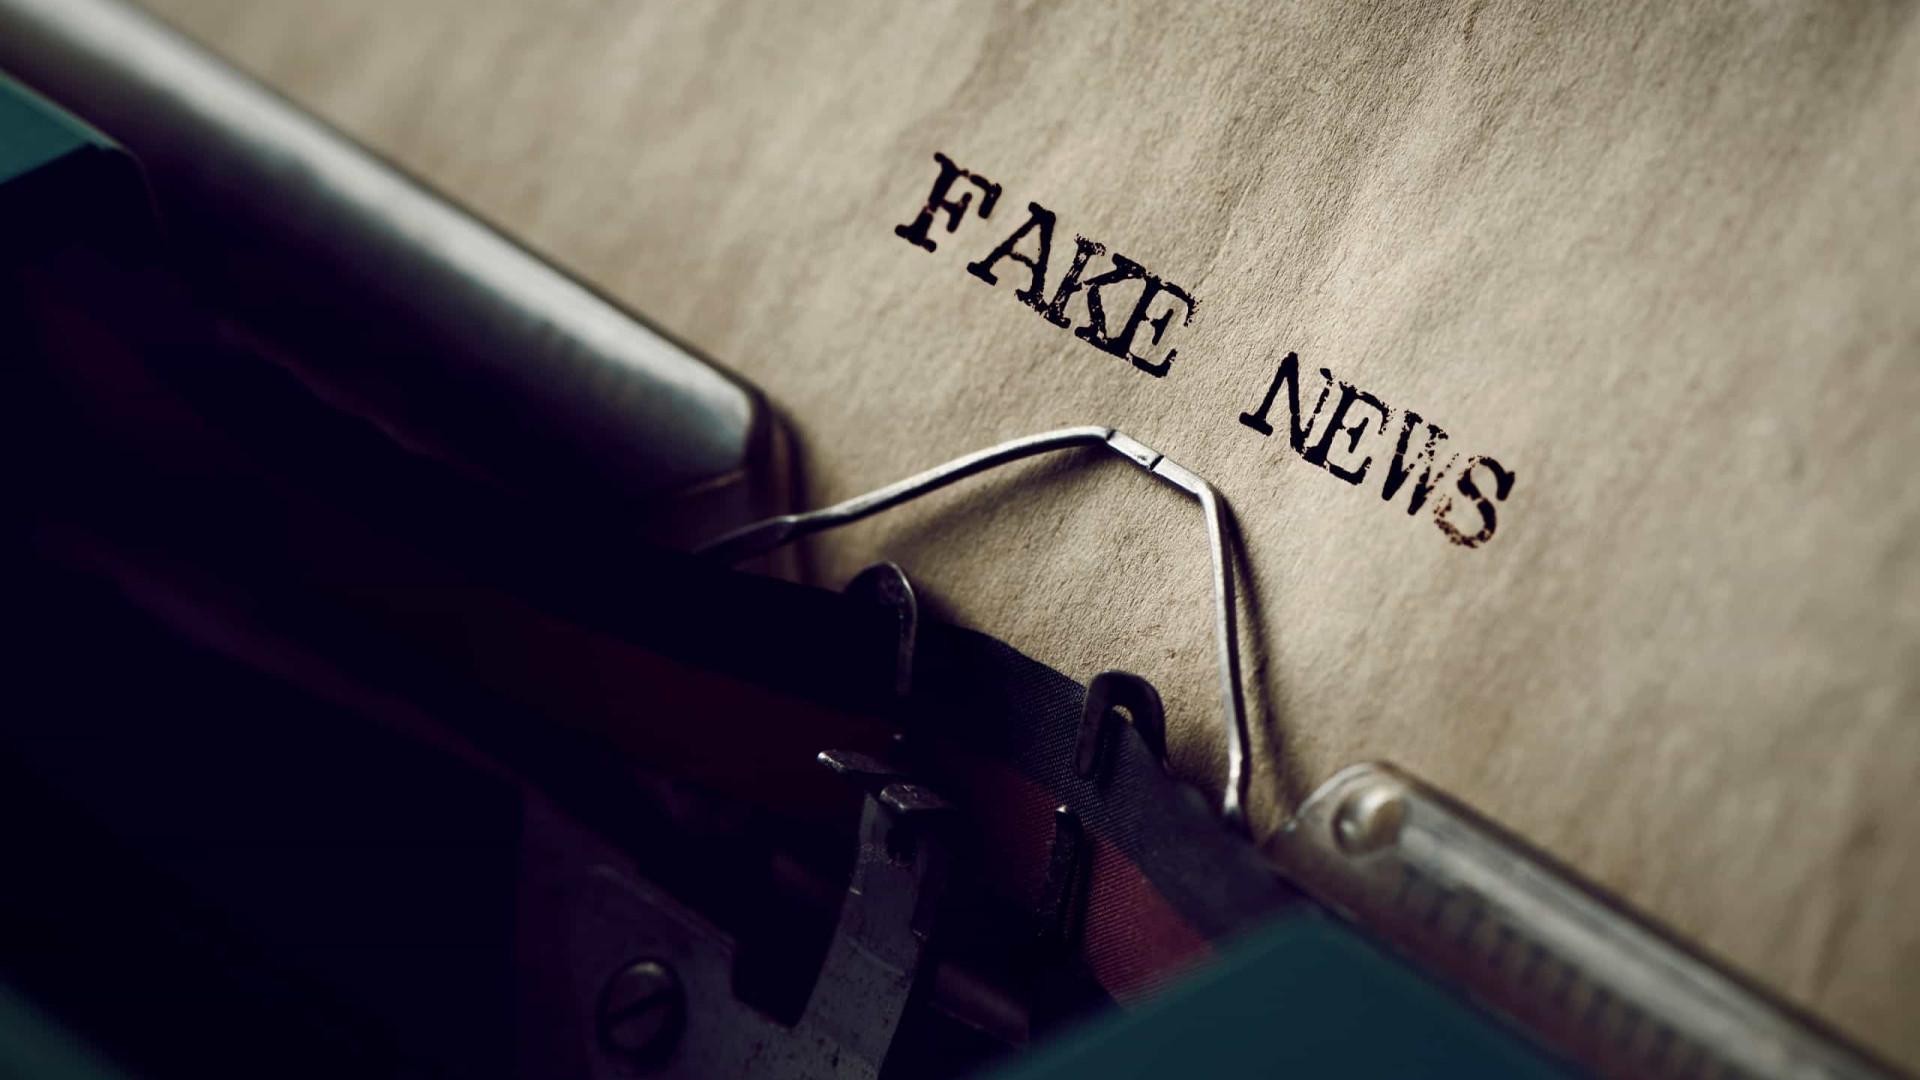 Criação de conselho em lei de fake news gera embates sobre sua função